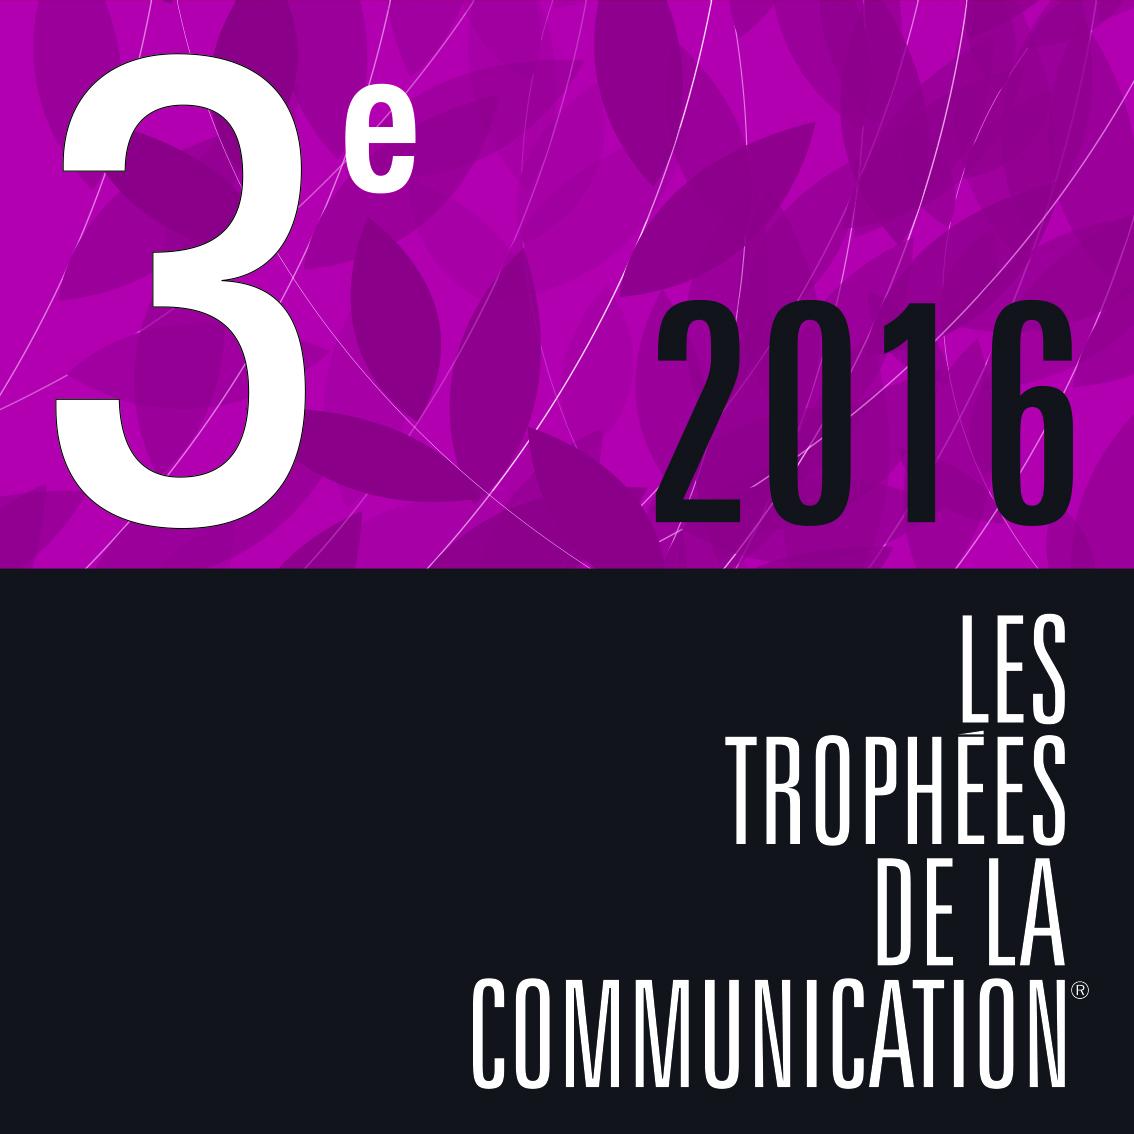 Visuel de la 3e place 2016 des trophées de la communication